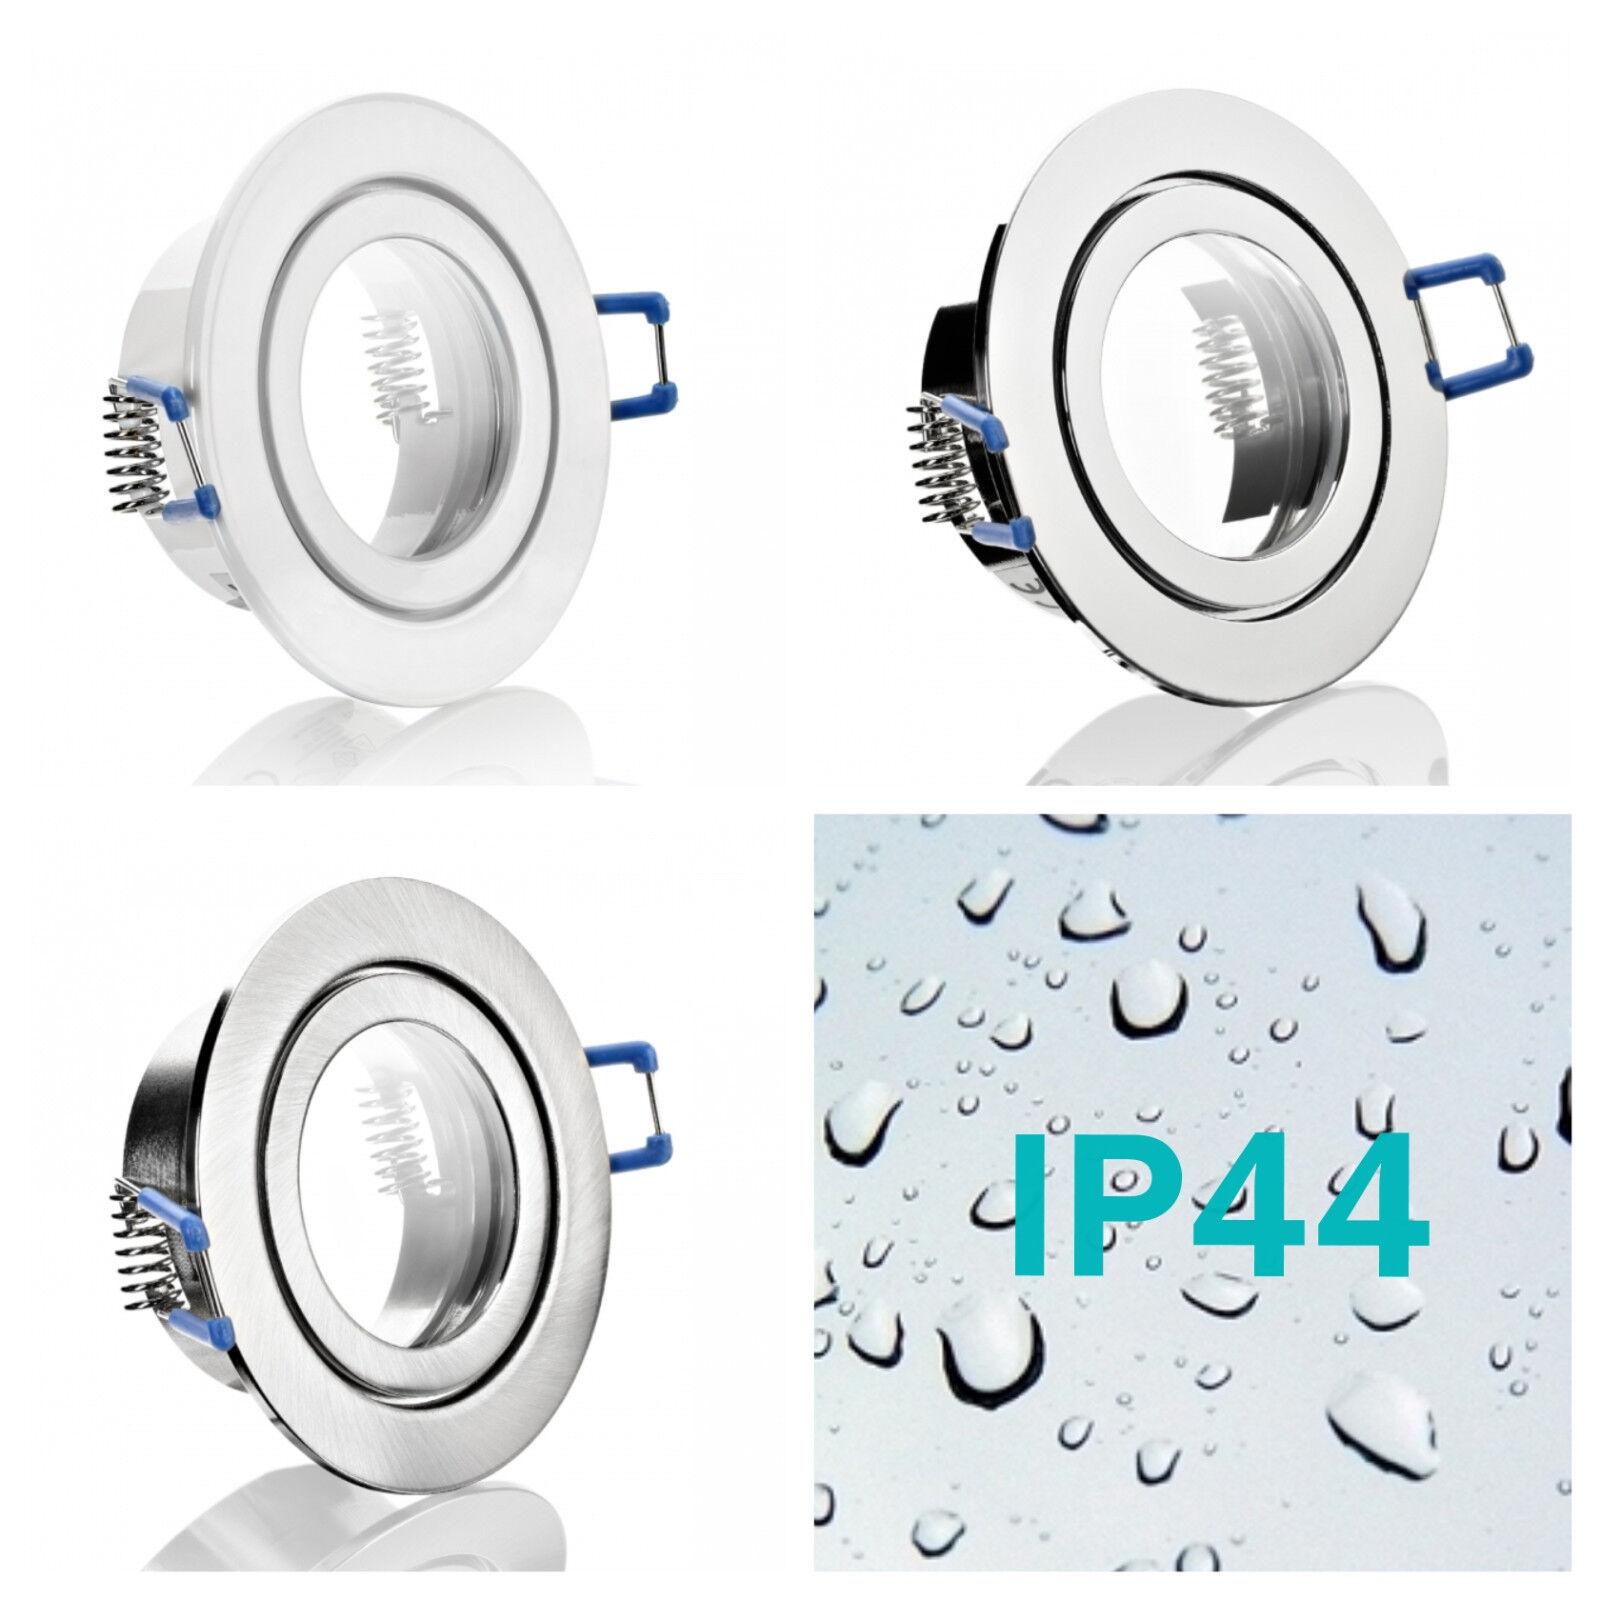 IP44 Feuchtraum Einbaustrahler Badleuchte Strahler Einbaulampe für MR16 / GU10